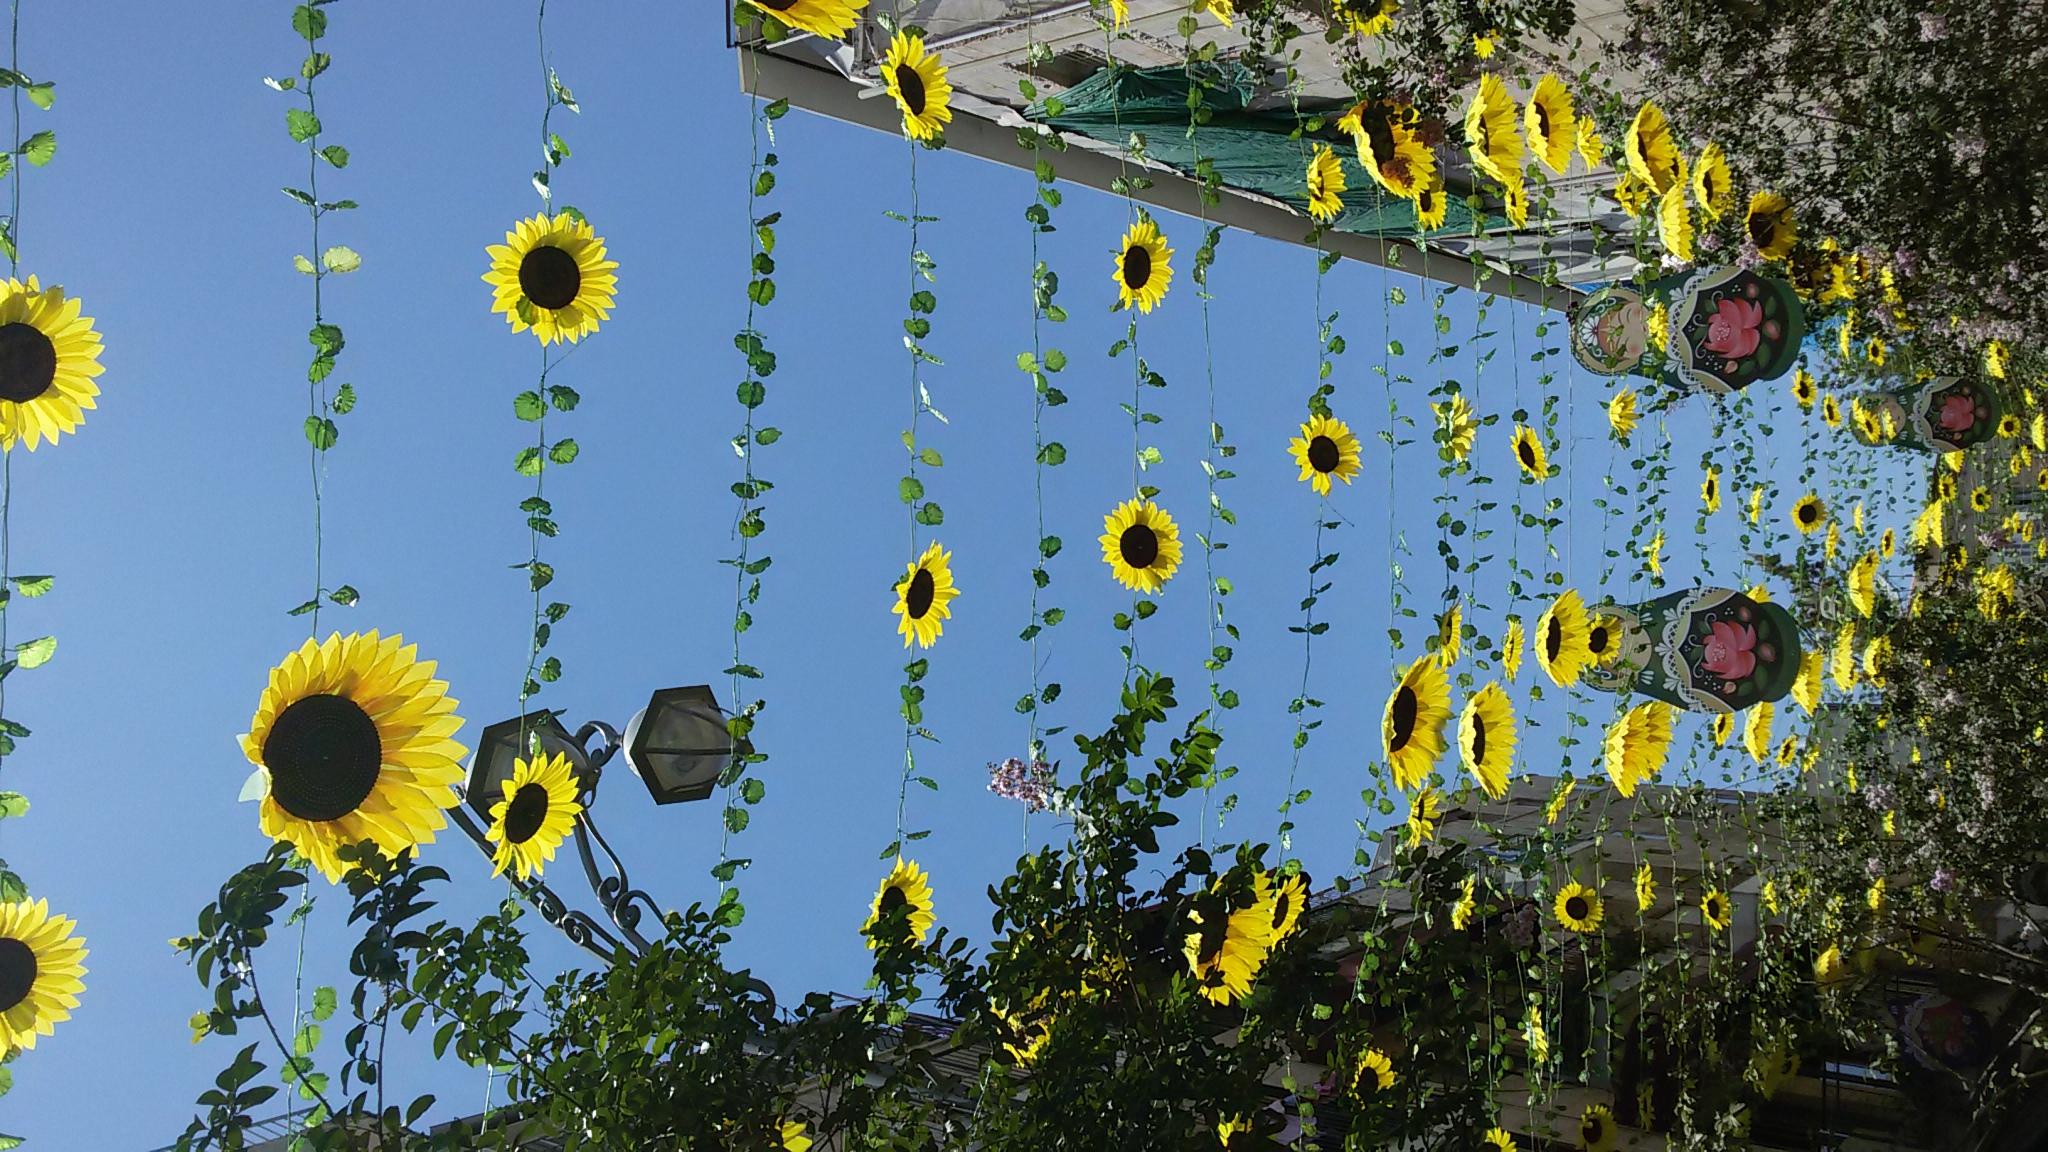 벤 예후다 골목 골목을 장식한 각 나라를 상징하는 장식물